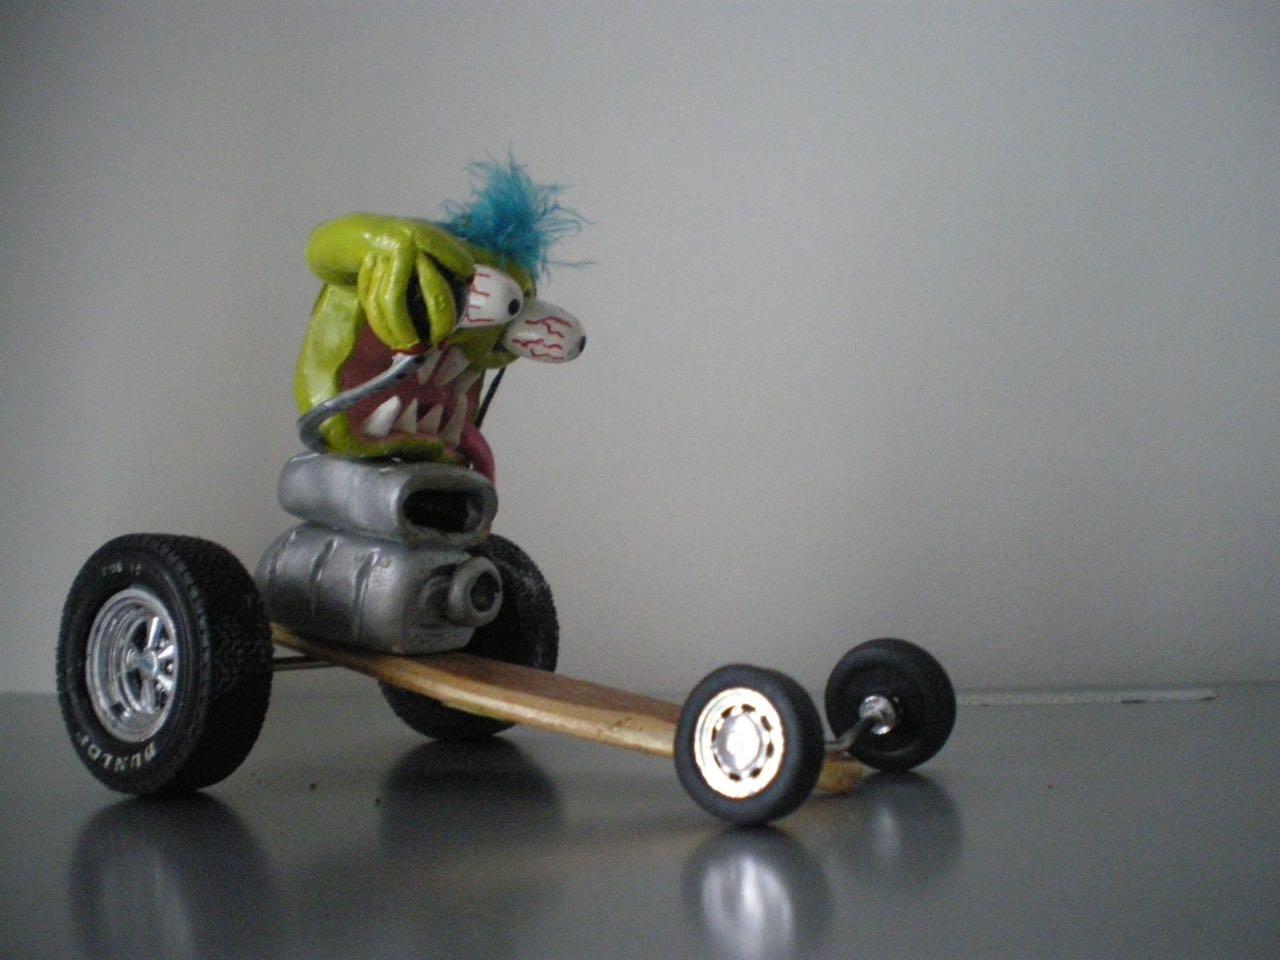 #Petrolhead : Funny Monsters - Délire ! 8